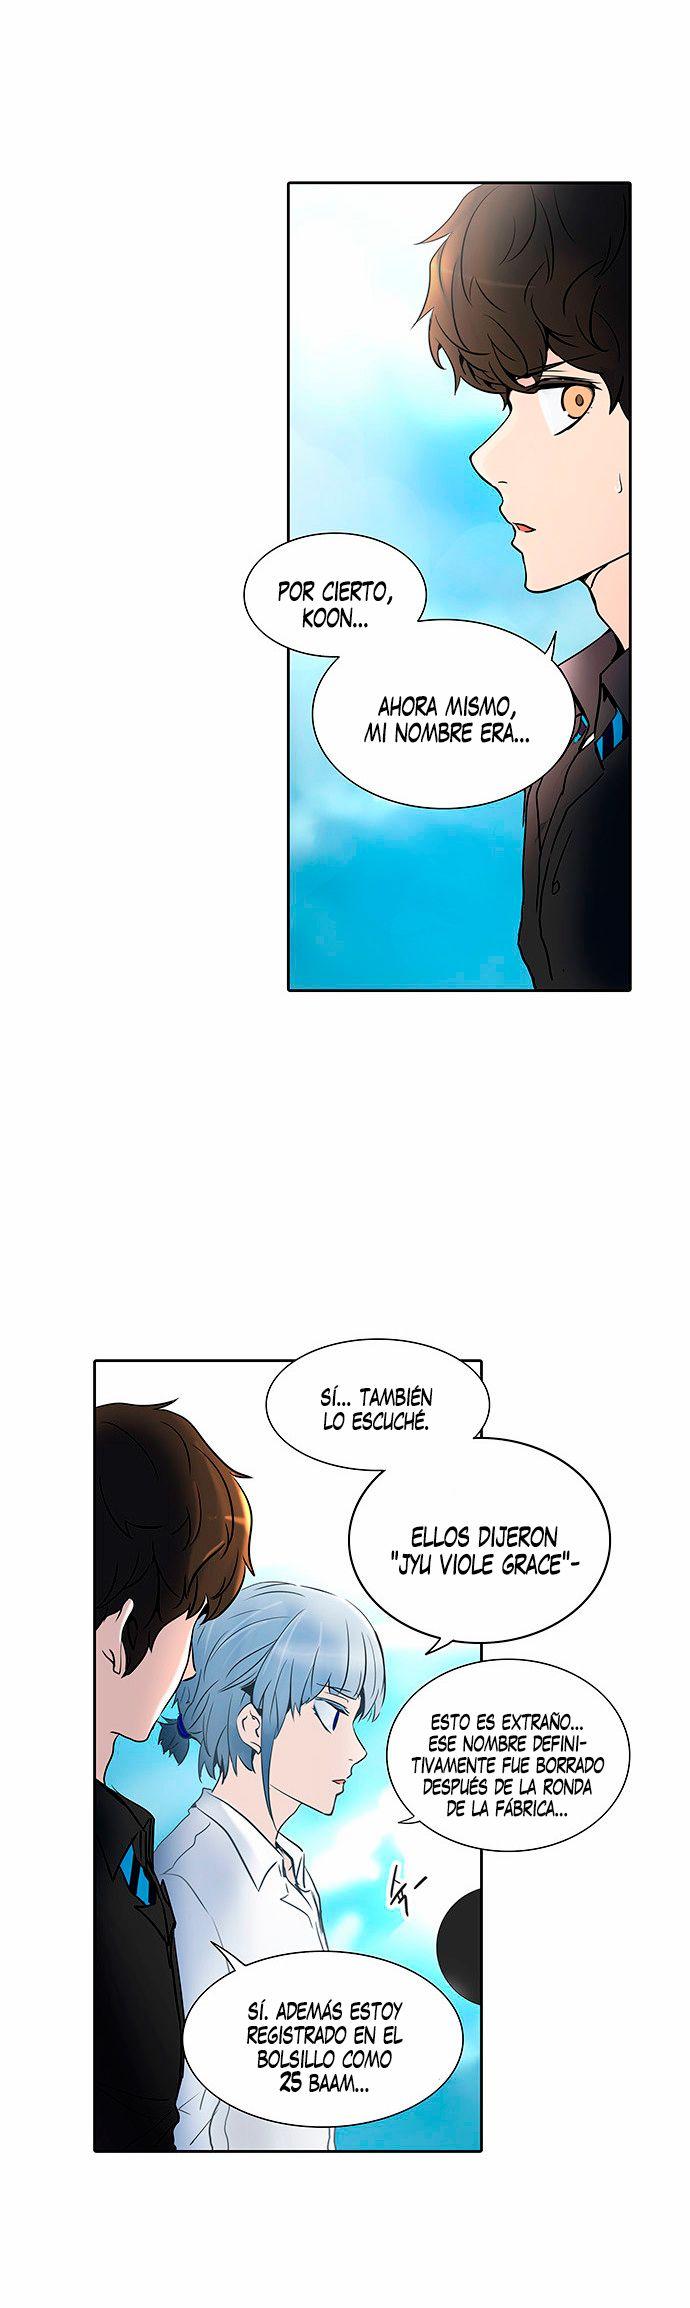 http://c5.ninemanga.com/es_manga/21/149/477748/e5ae7b1f180083e8a49e55e4d488bbec.jpg Page 3